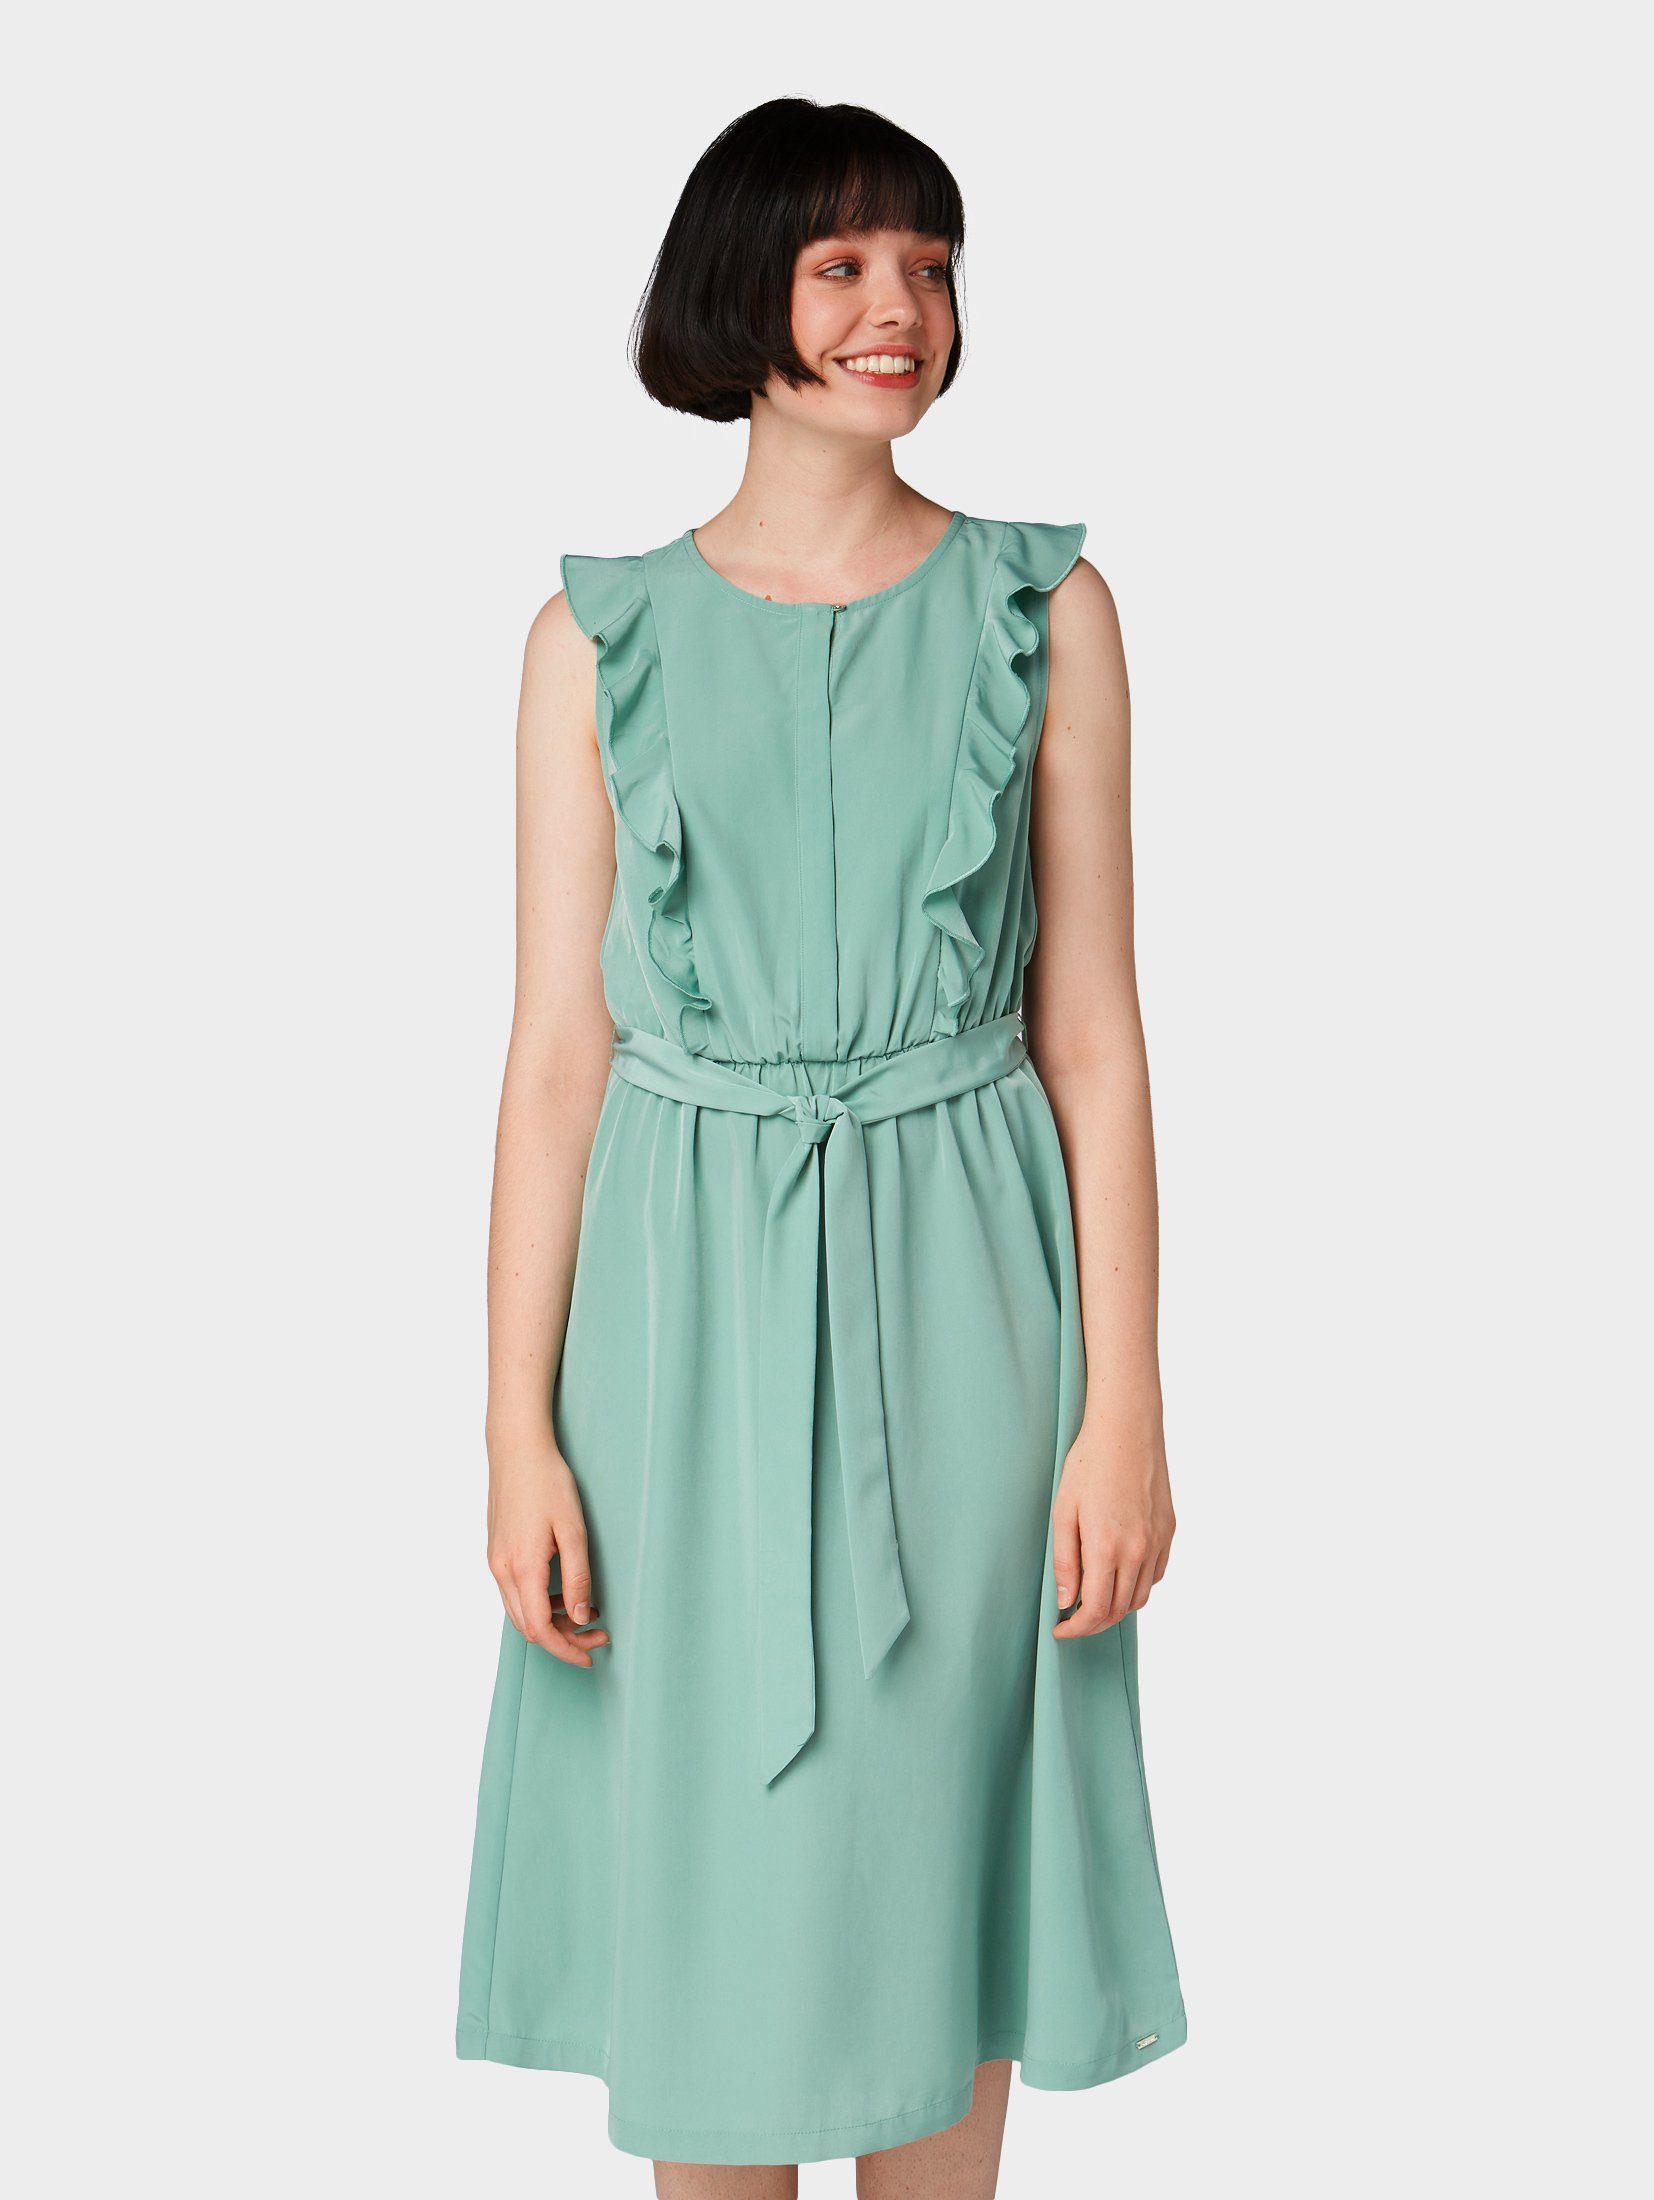 Mit KaufenOtto Linien Rüschen« Kleid Online A Tailor Tom Denim »kleid OnwPk0